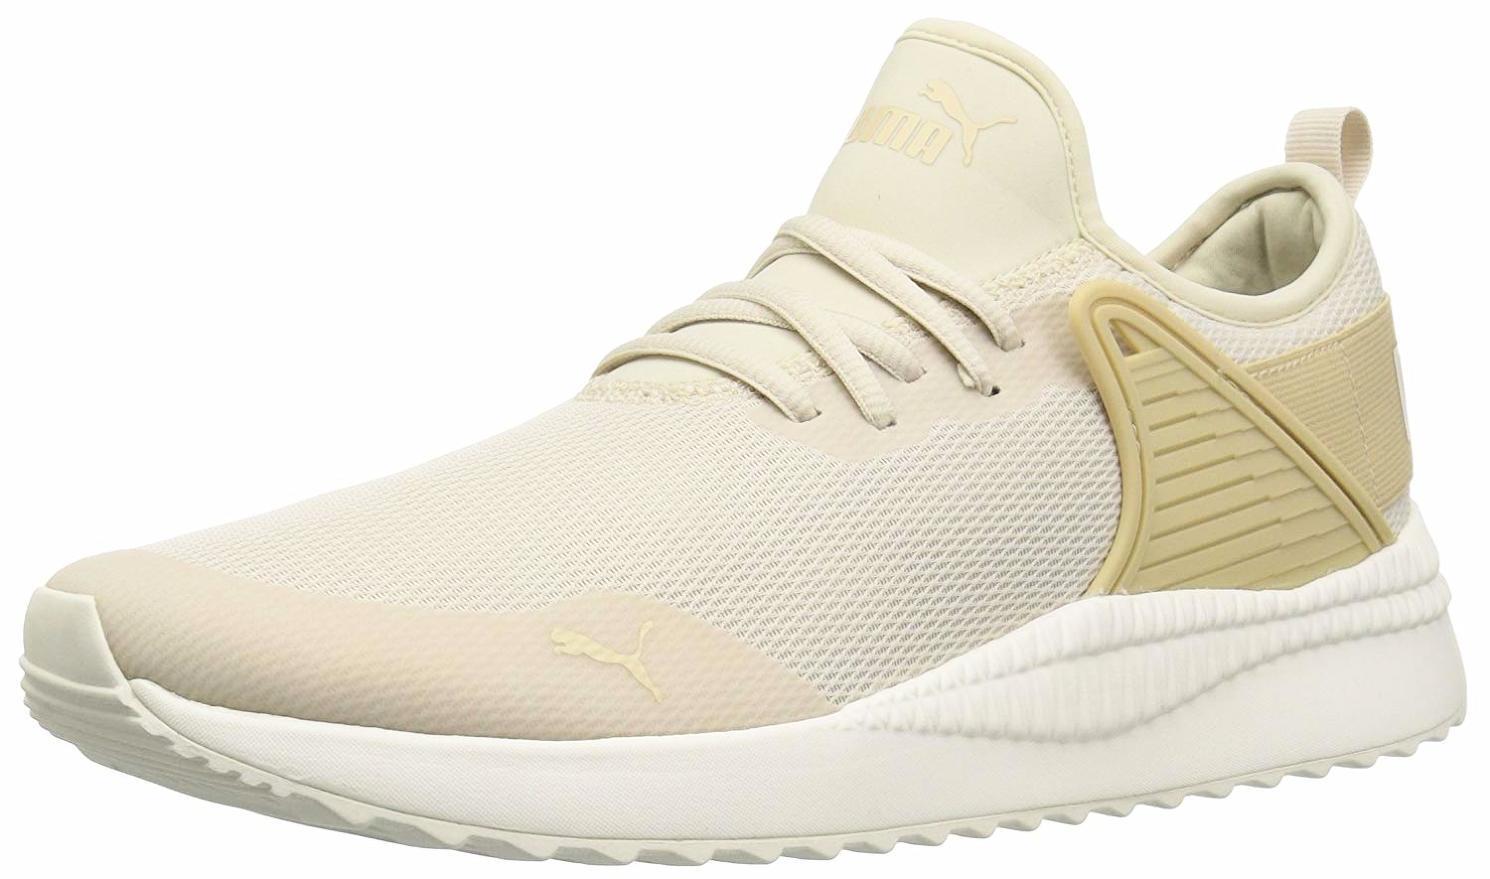 PUMA Homme Pacer Next Cage Sneaker - Choose SZ/Color